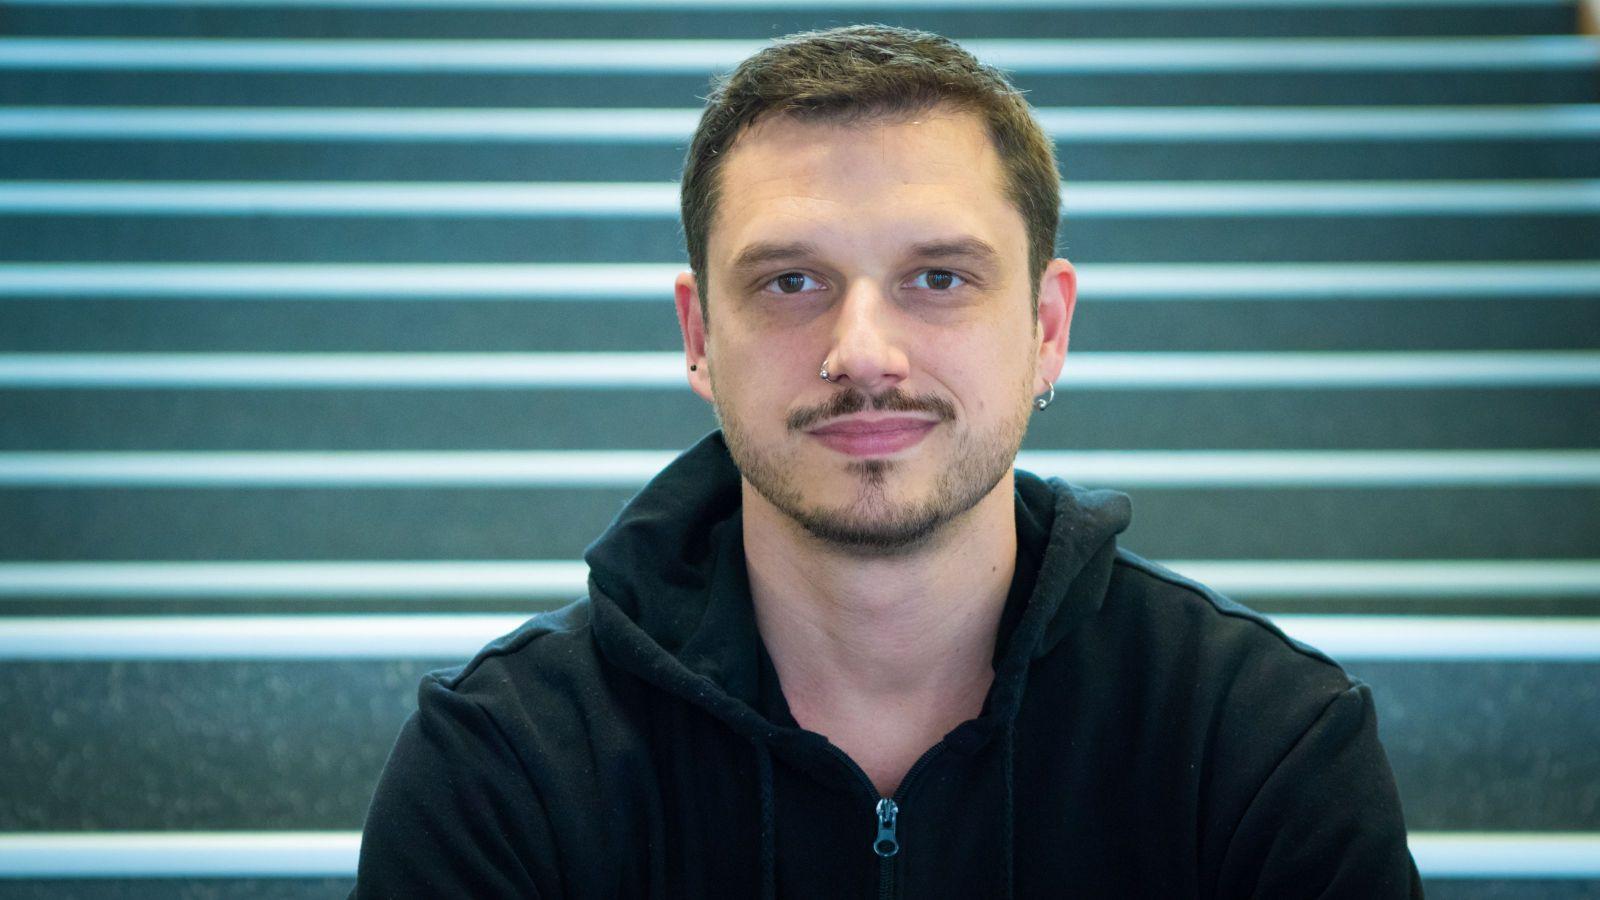 PhD Candidate Gerard Janse van Rensburg